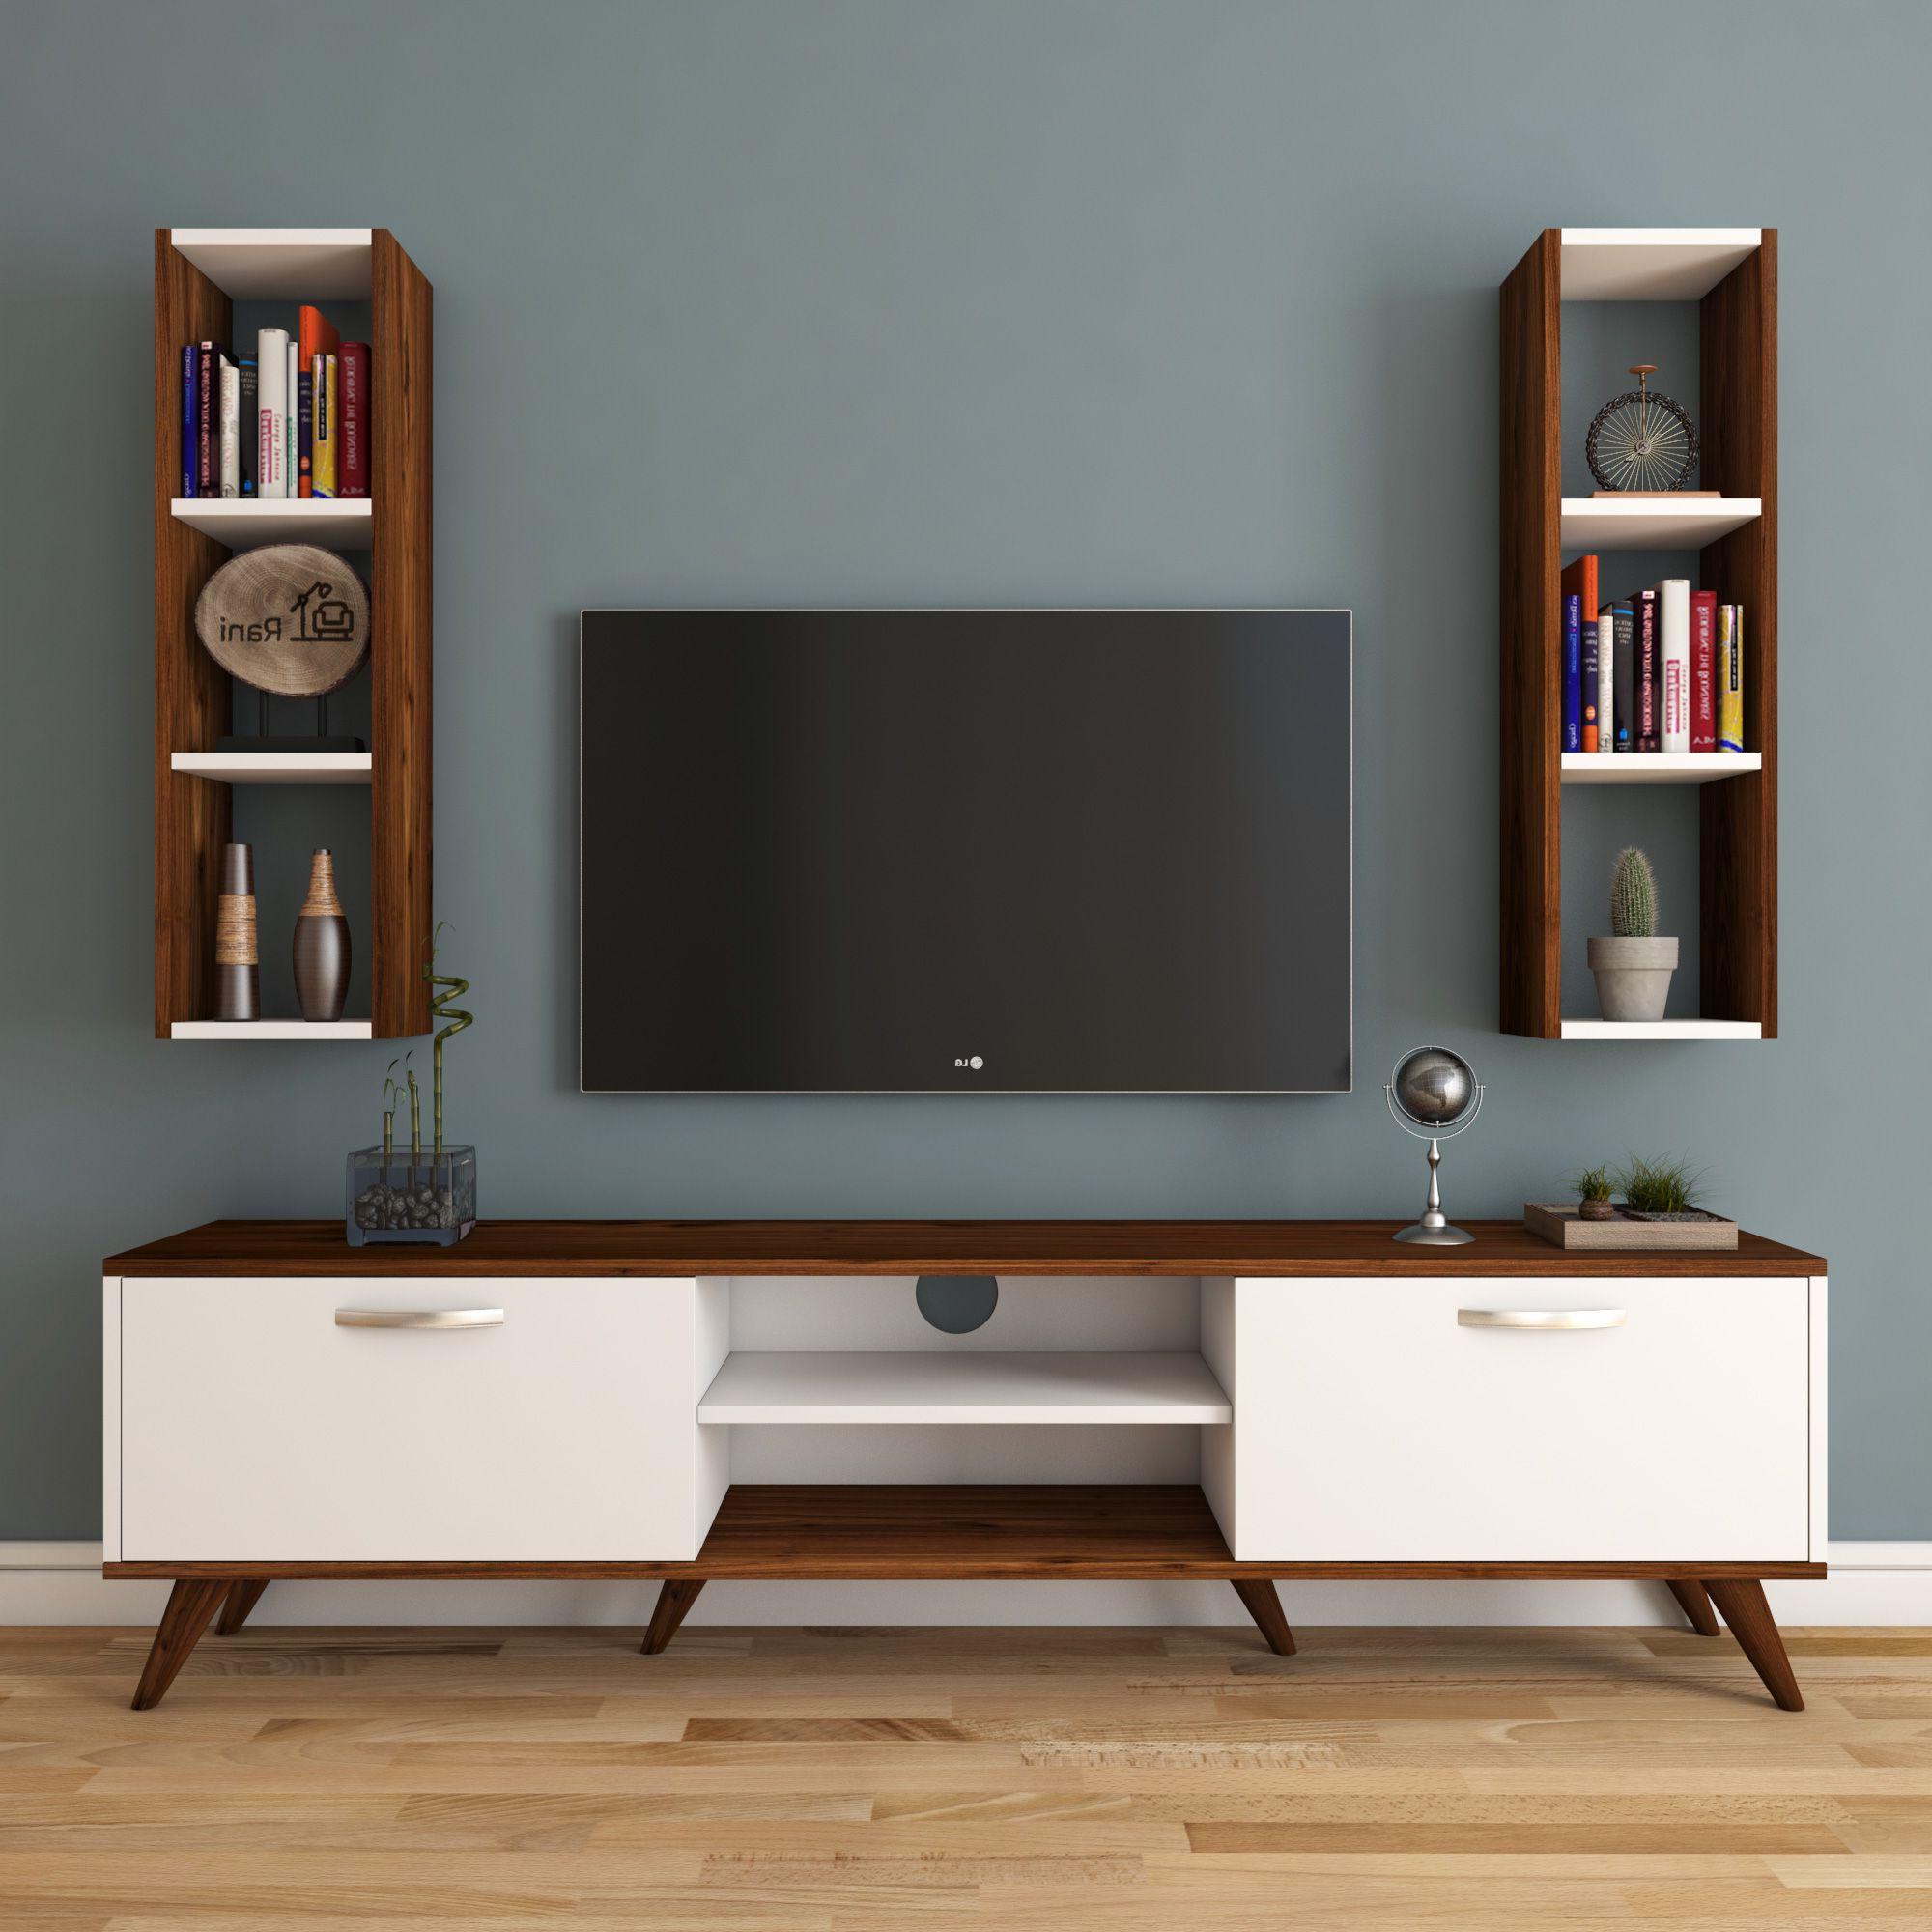 Rani A9 Duvar Raflı Duvara Monte Dolaplı Tv Ünitesi Kitaplıklı Tv In Ducar 84 Inch Tv Stands (View 18 of 20)